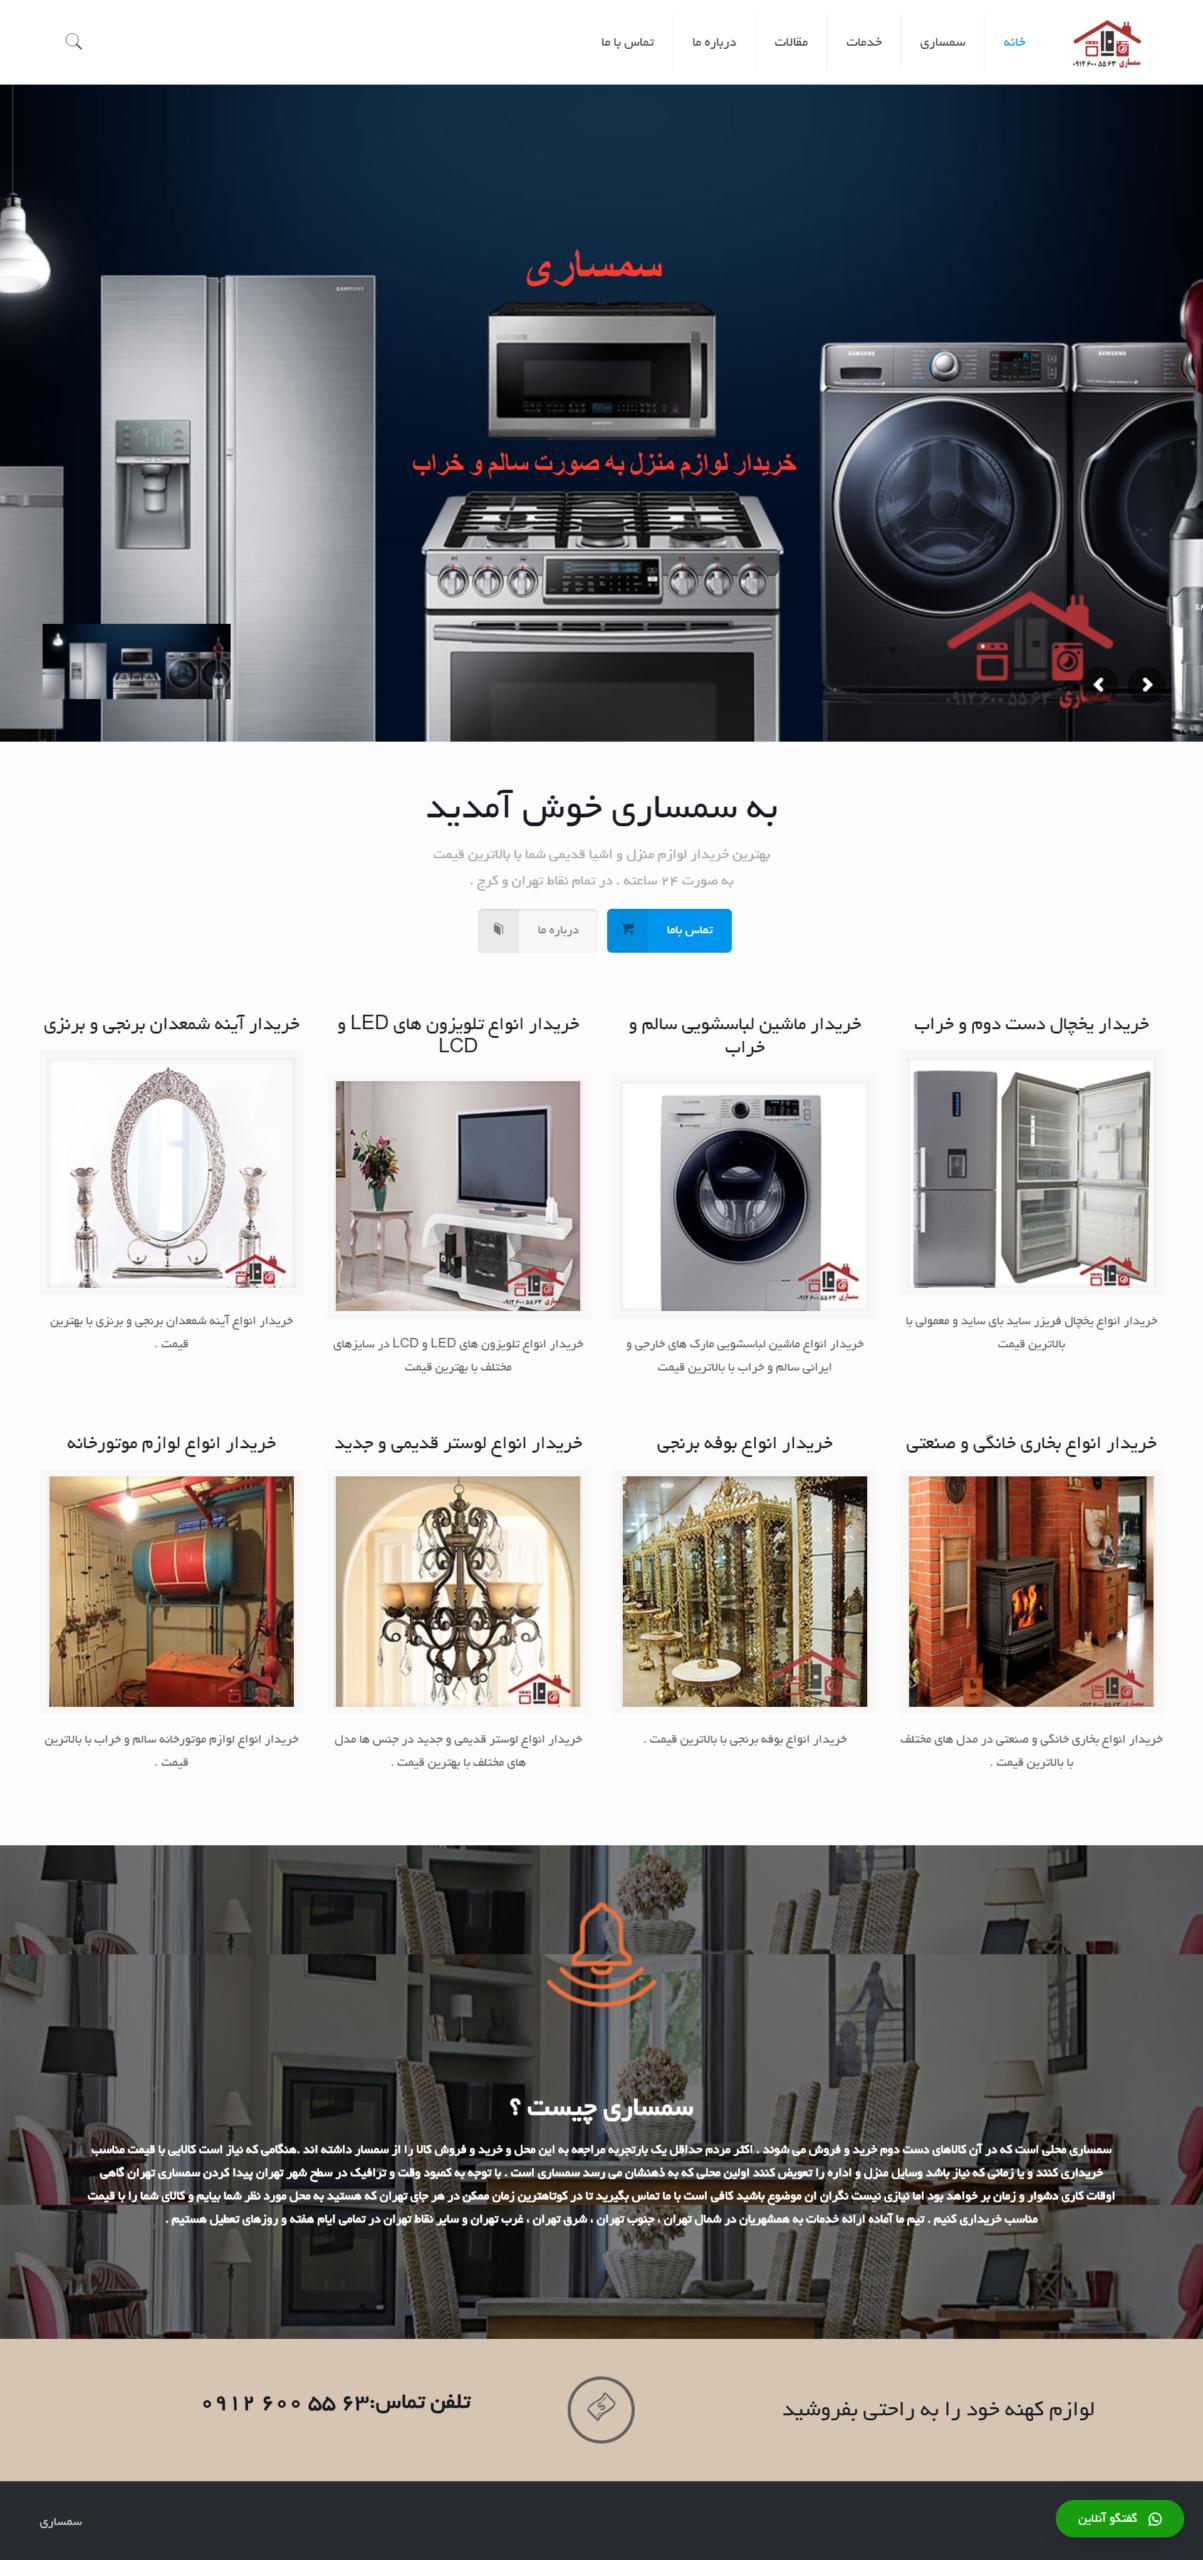 طراحی سایت خدماتی سمساری